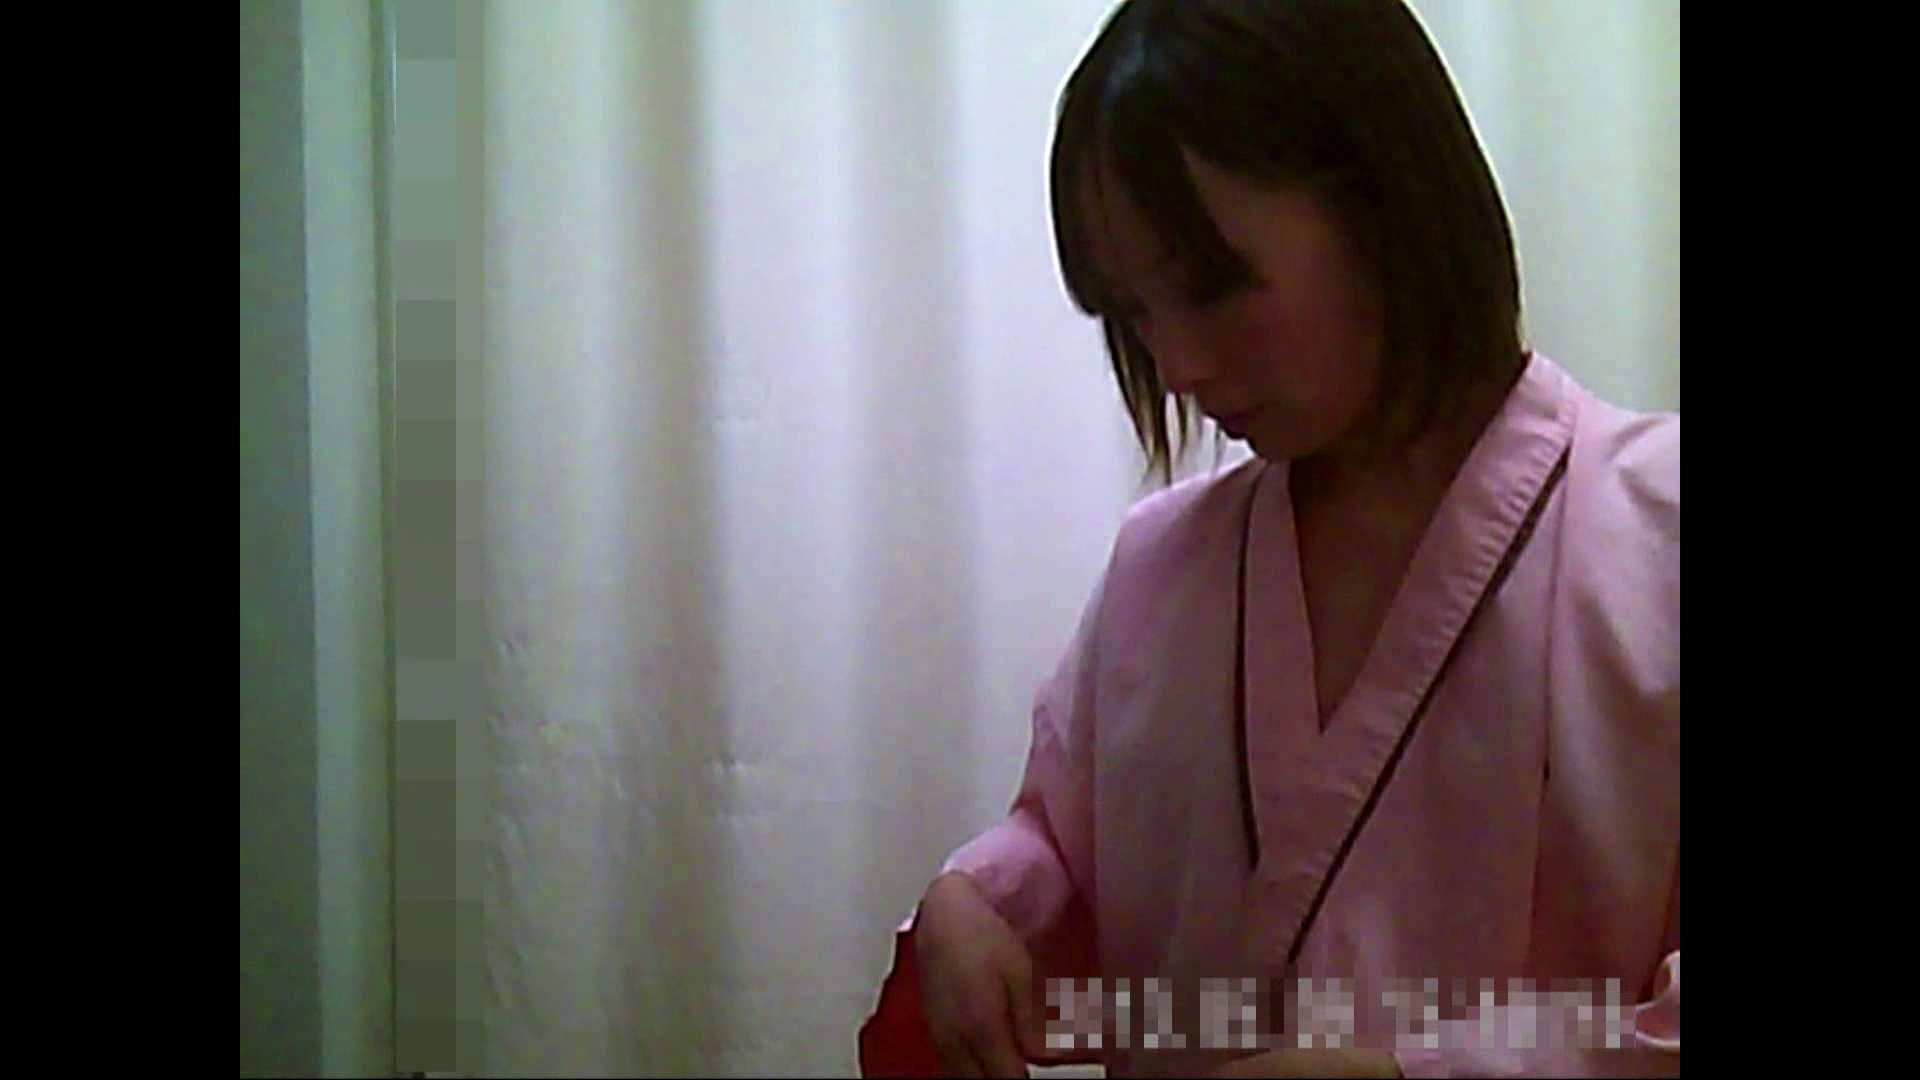 元医者による反抗 更衣室地獄絵巻 vol.086 OL | 0  91連発 43